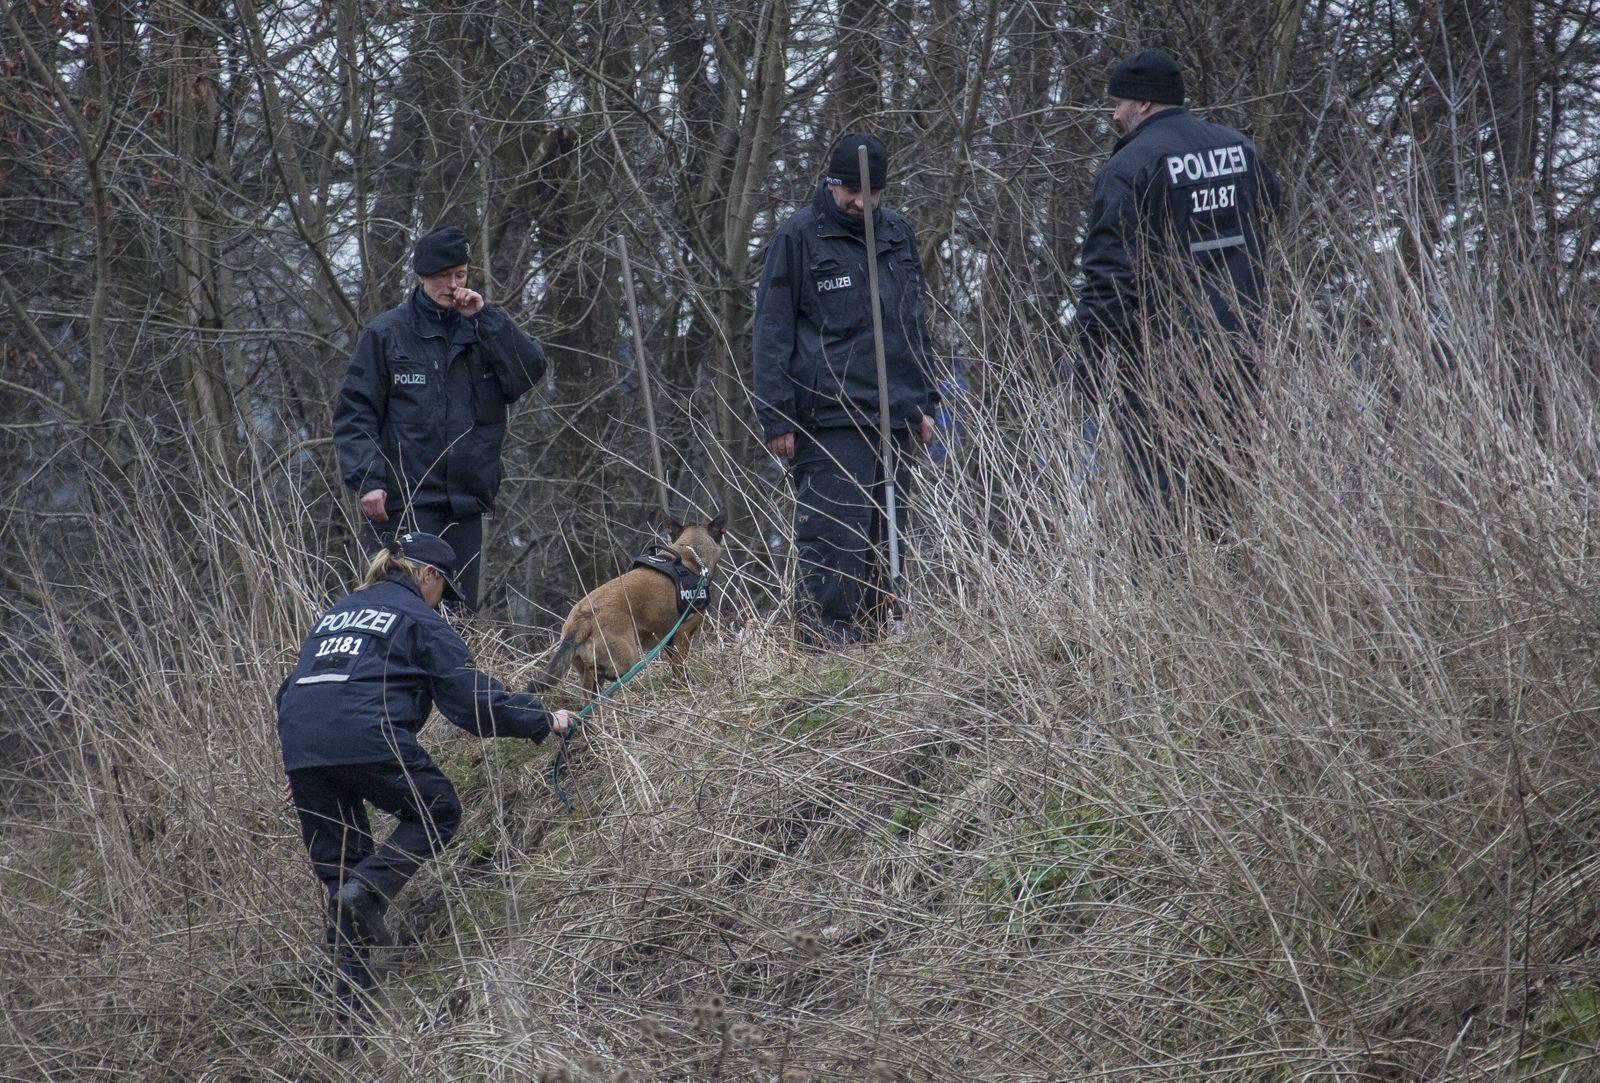 Pauschale Polizeidienst Berlin 19 2 2014 im Zusammenhang mit dem Fund von Knochen im Charlottenburge